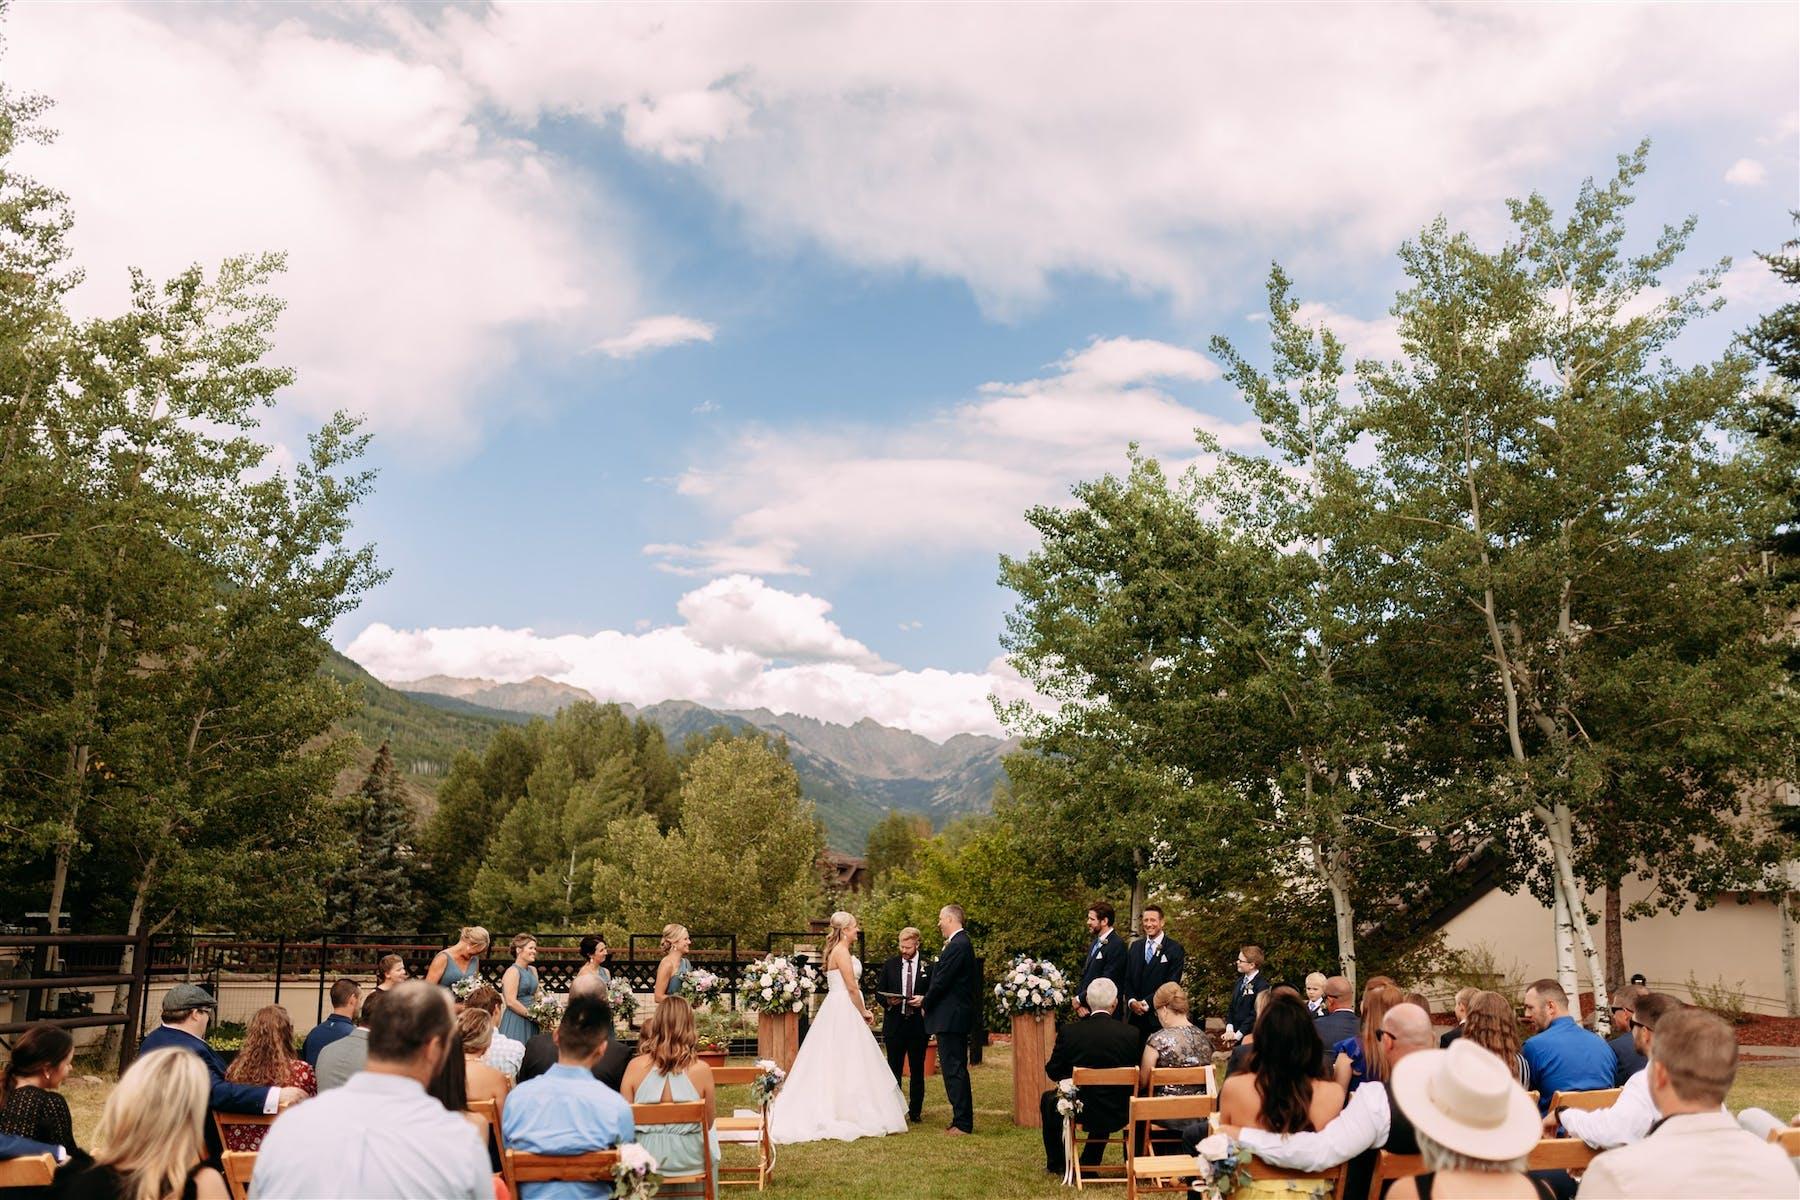 Larkspur Wedding Venue Vail Colorado Mountain Wedding Ceremony Lawn